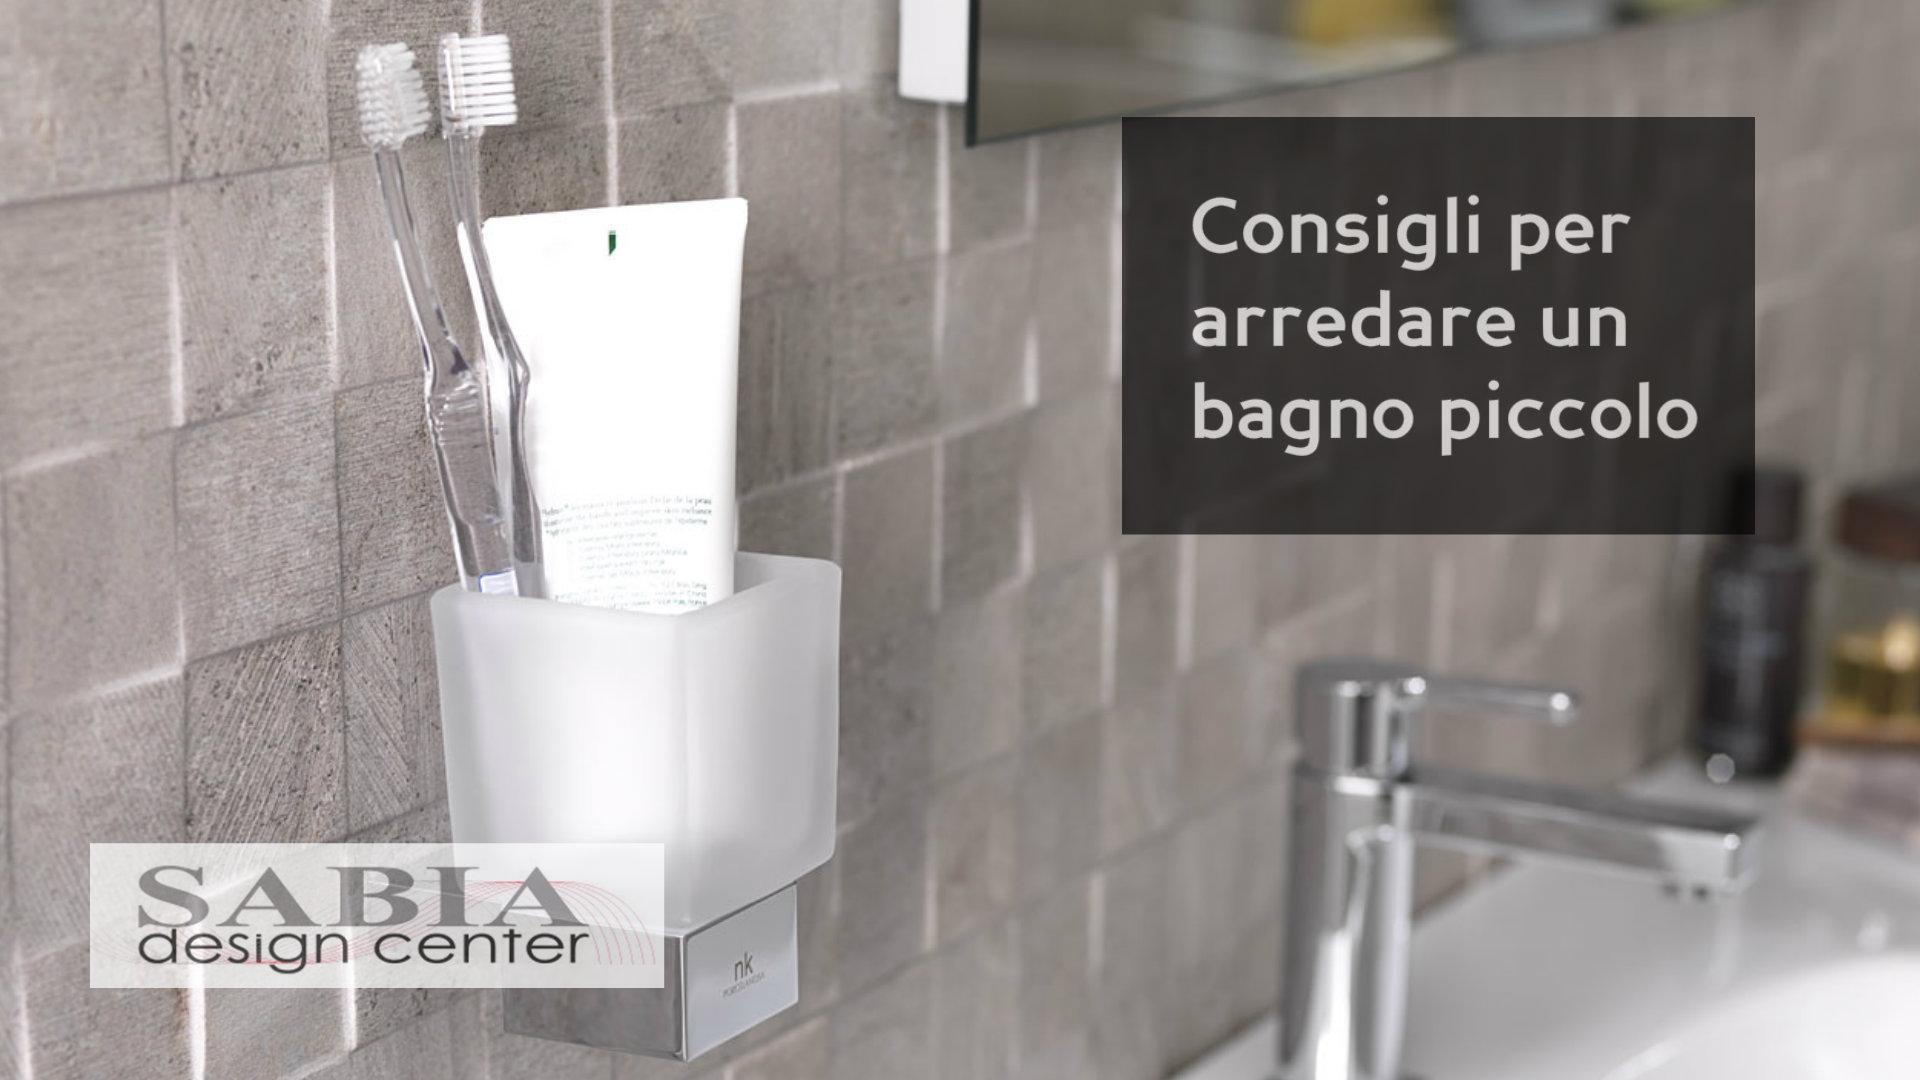 Consigli utili per arredare un bagno piccolo sabia for Arredare un bagno piccolo